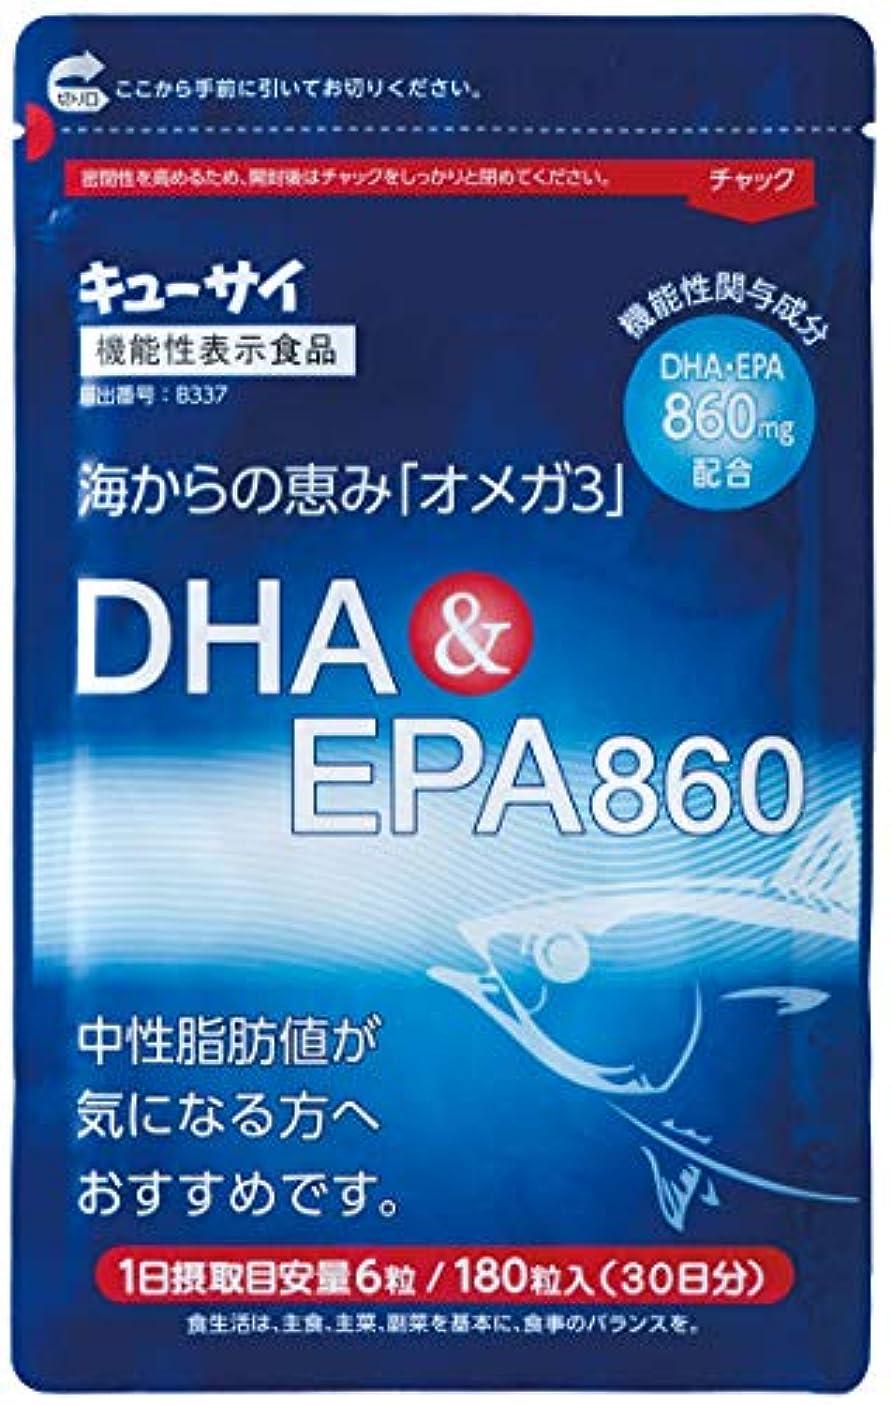 ヒープ純正データキューサイ/DHA&EPA860/オメガ3/81.0g(450mg×180粒)(約30日分)/ソフトカプセルタイプ/機能性表示食品